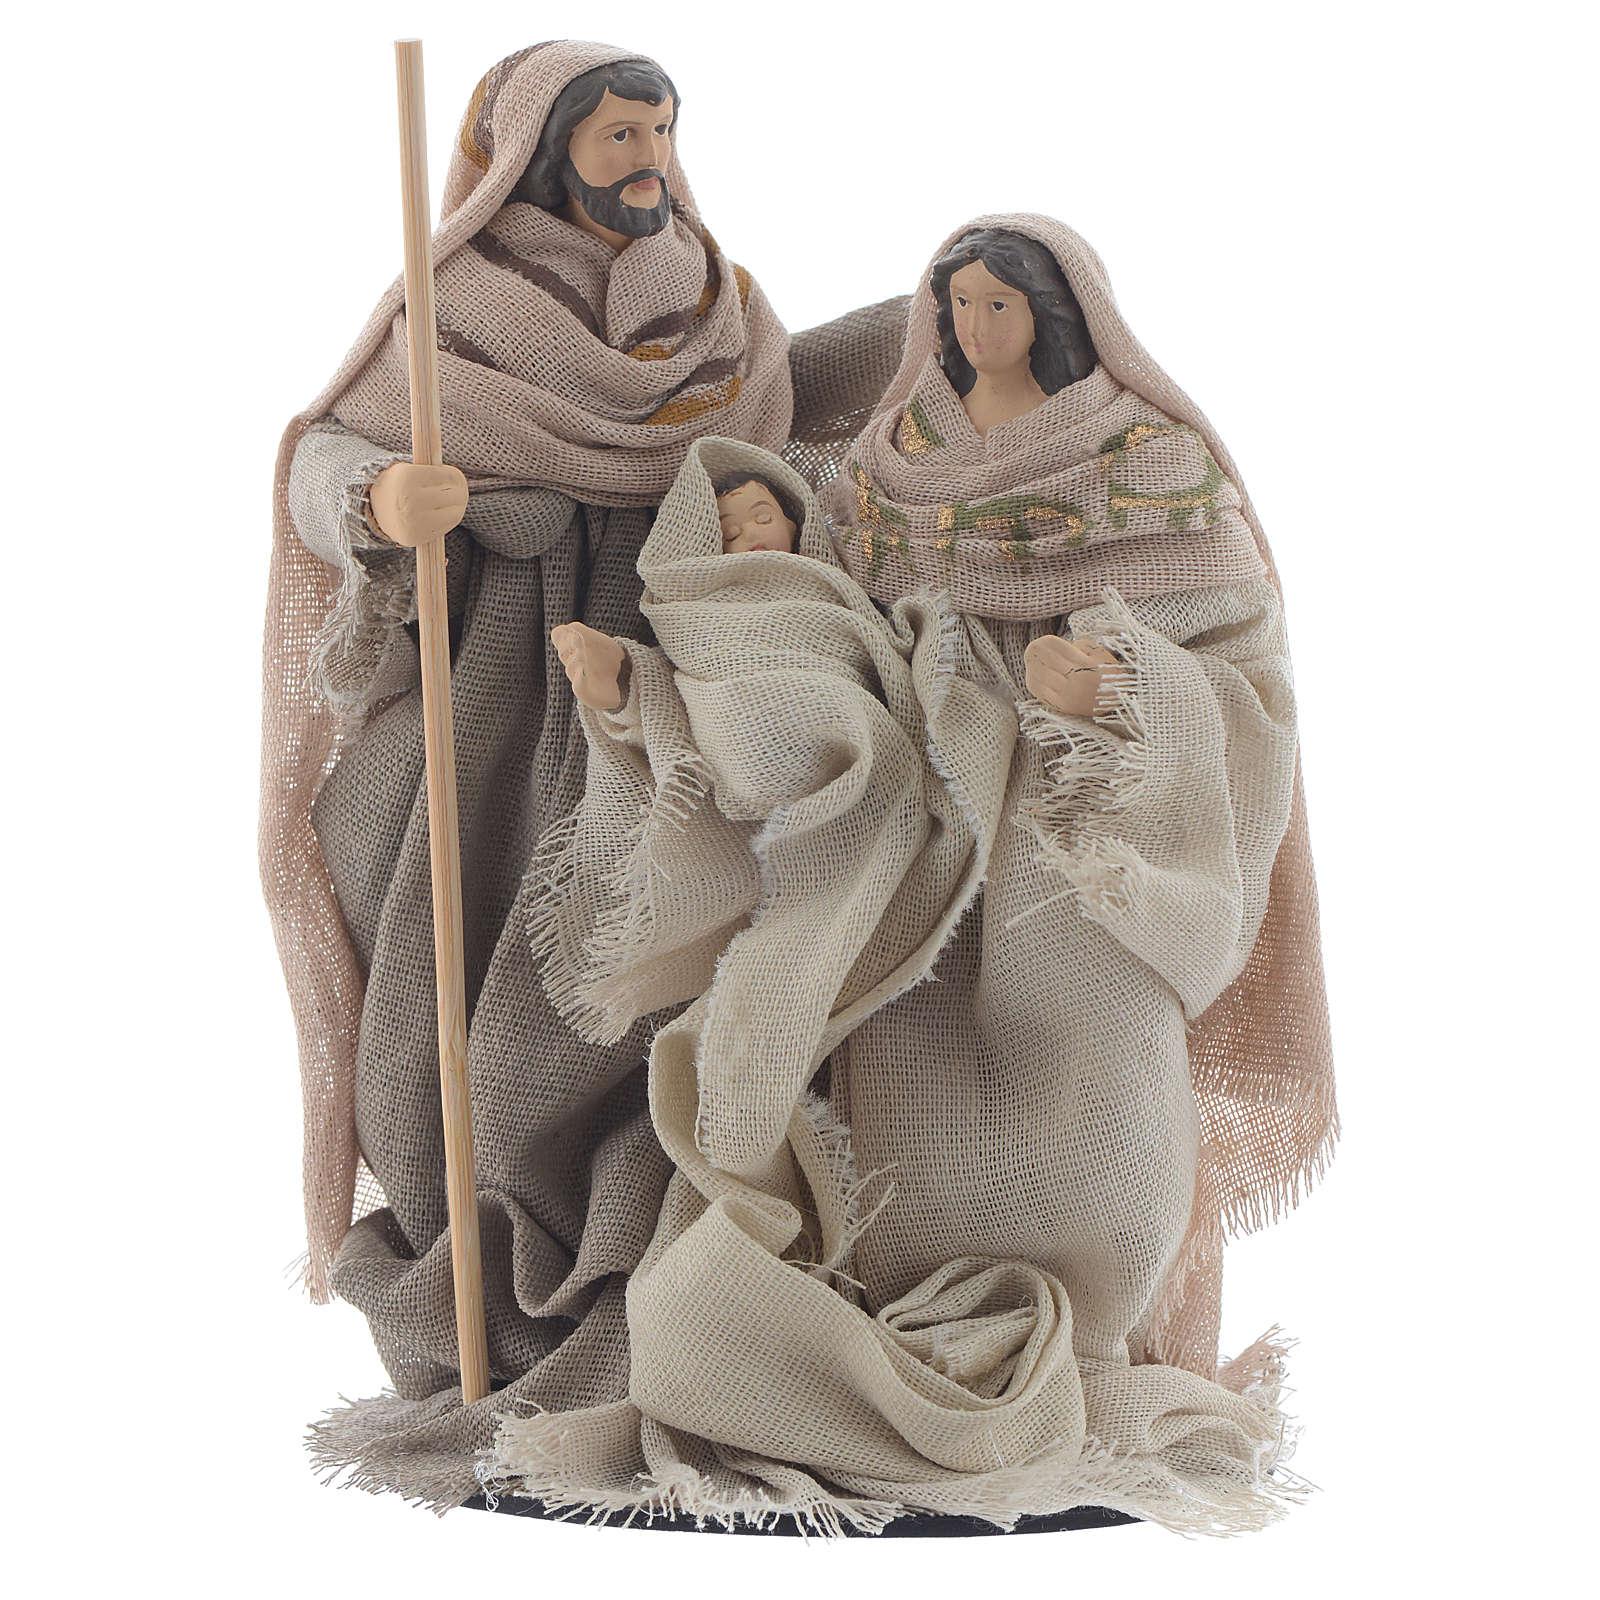 Nativité résine tissu style provençal 15 cm 3